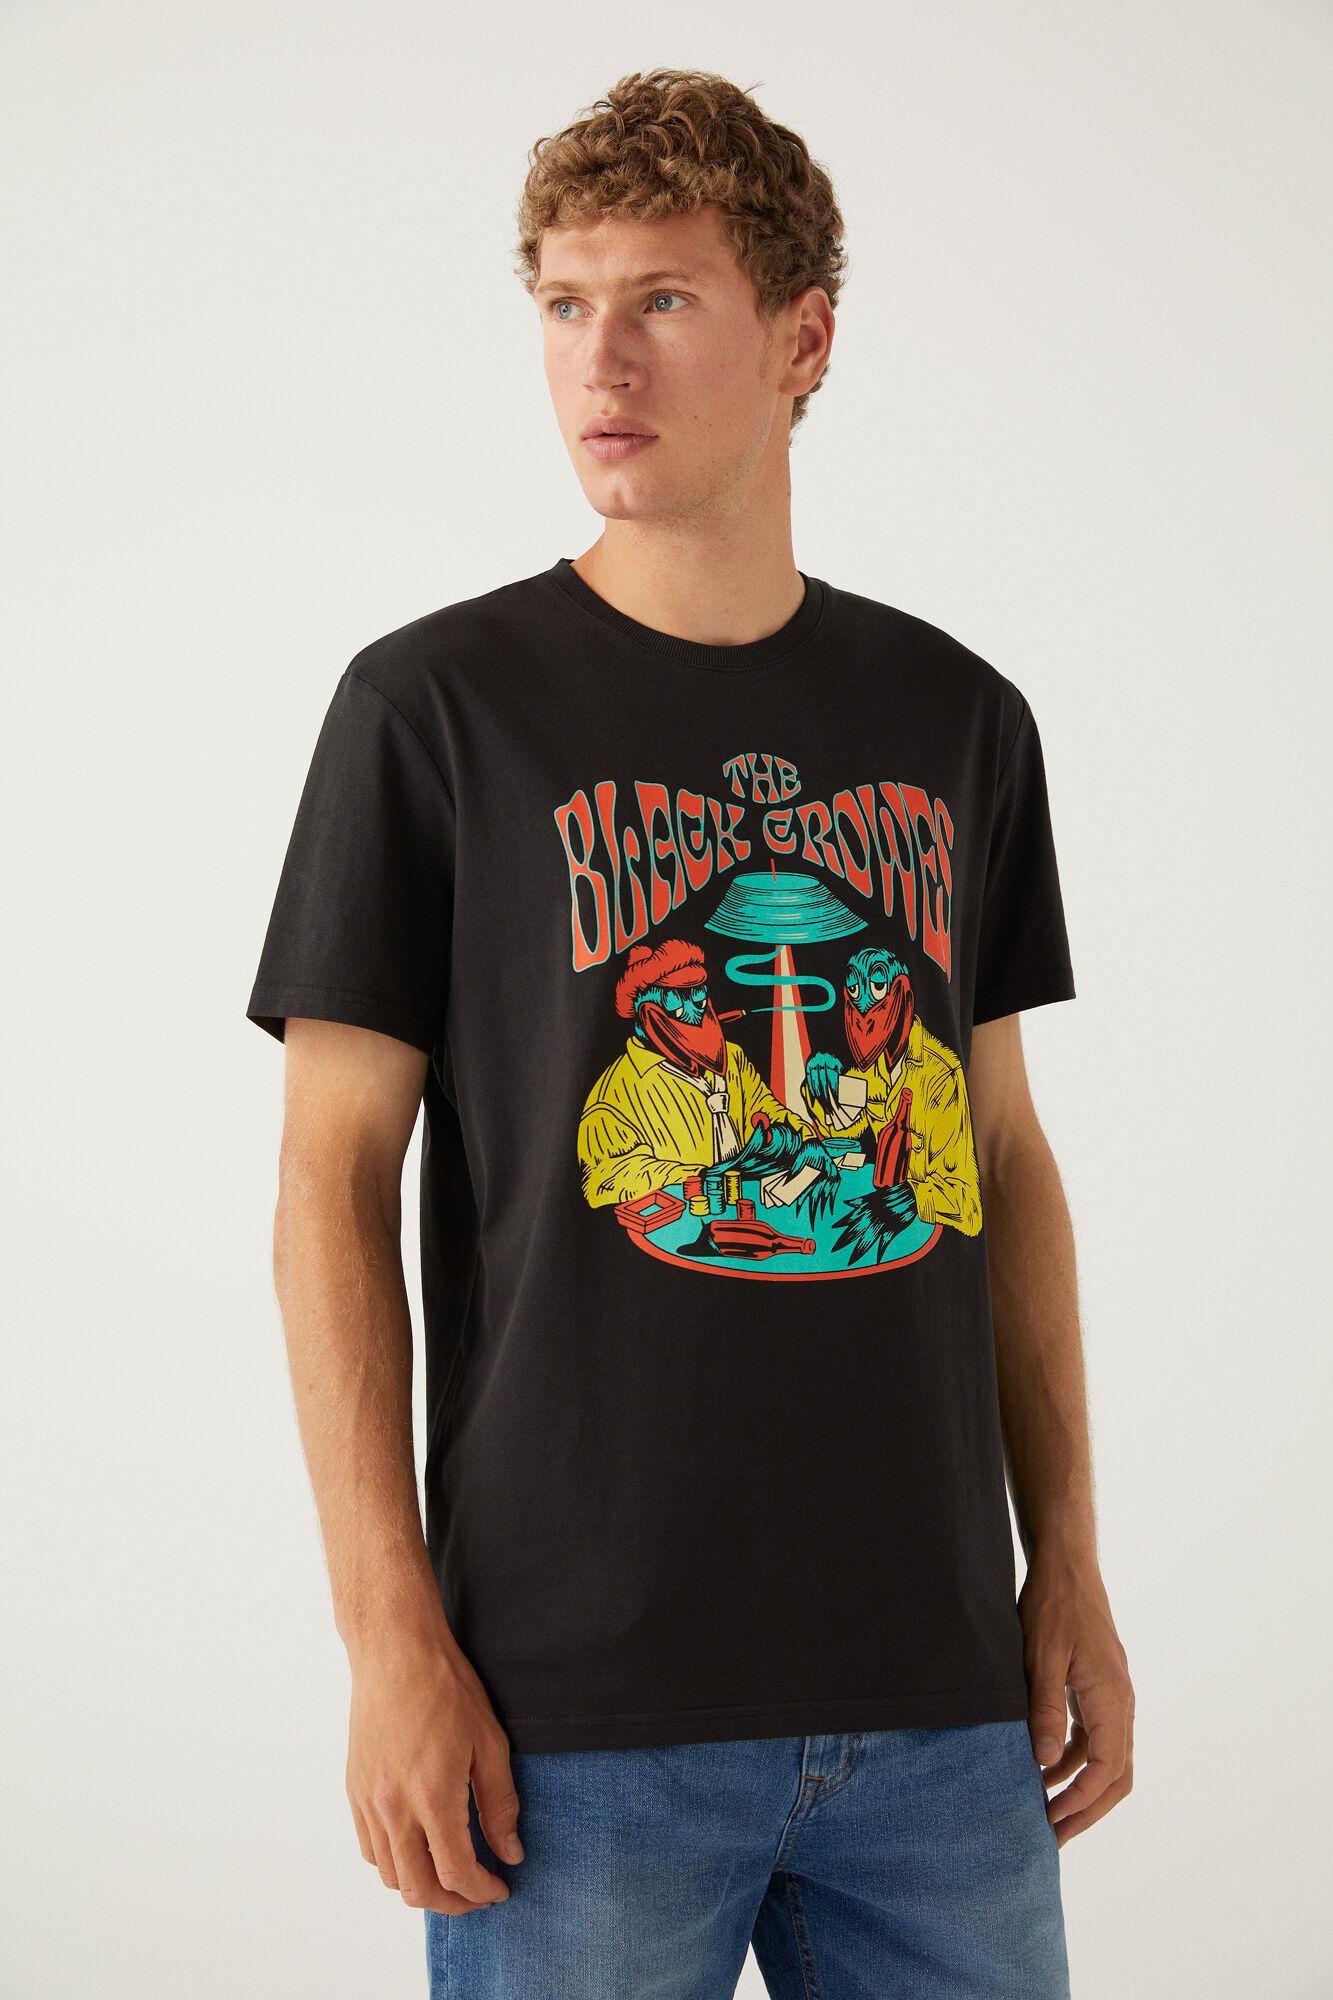 Camisetas molonas - Página 13 P_145247940TM